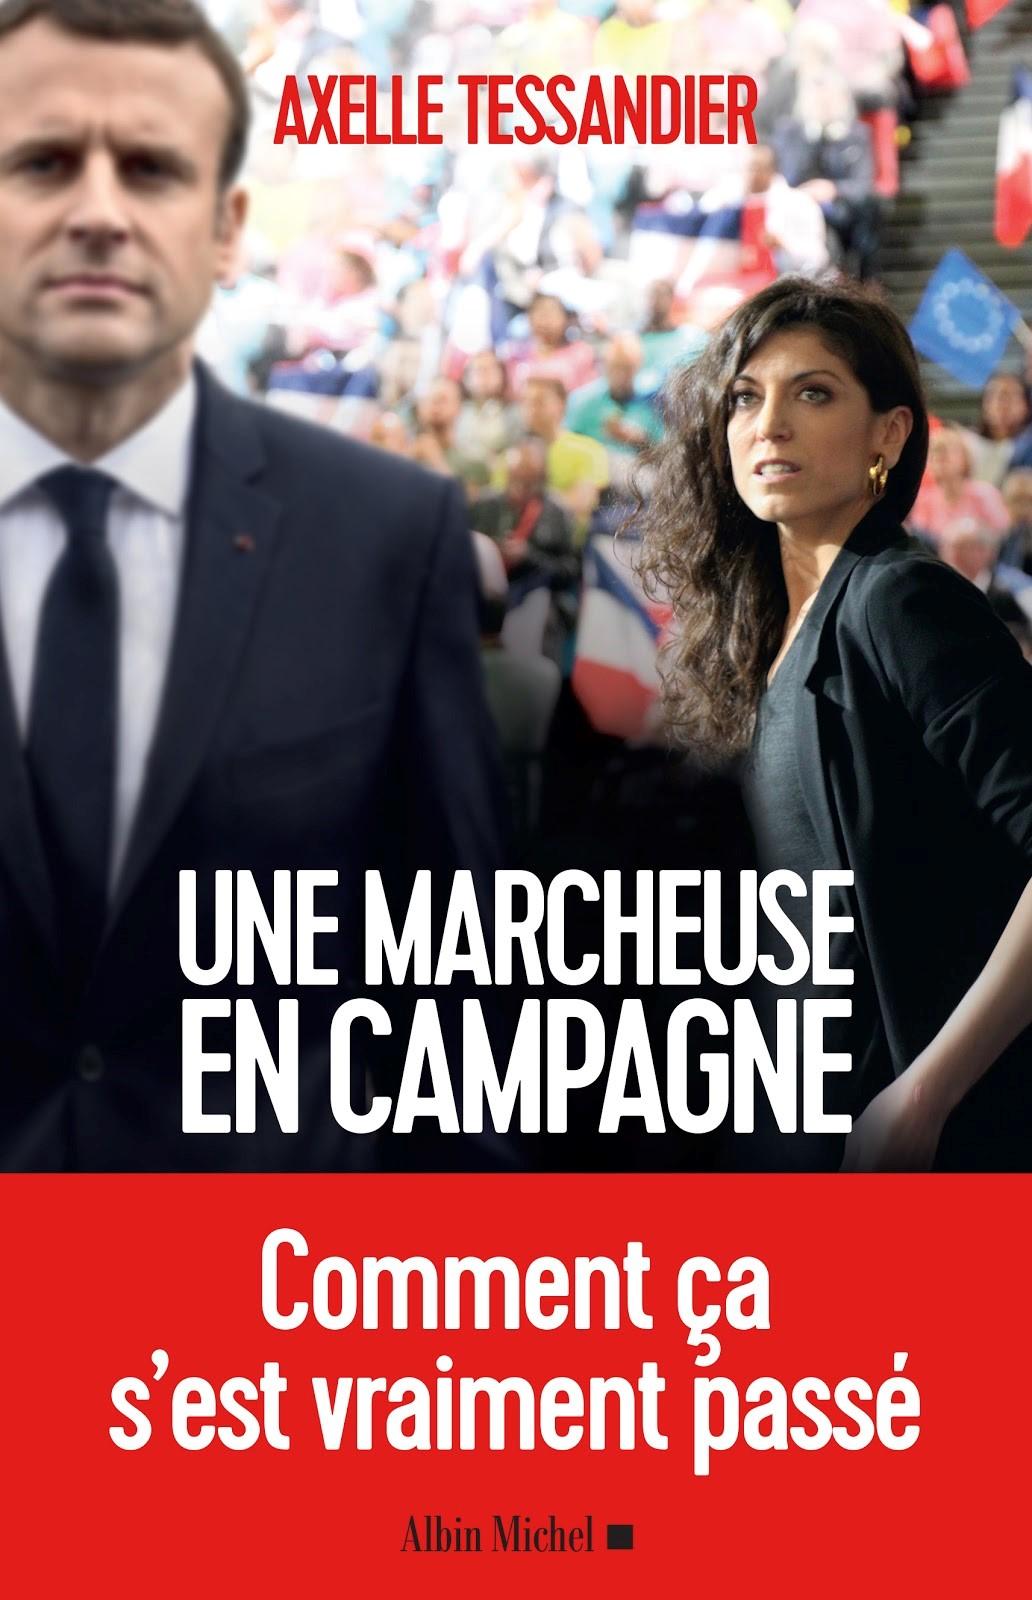 You are currently viewing Entretien avec Axelle Tessandier, déléguée nationale de La République En Marche